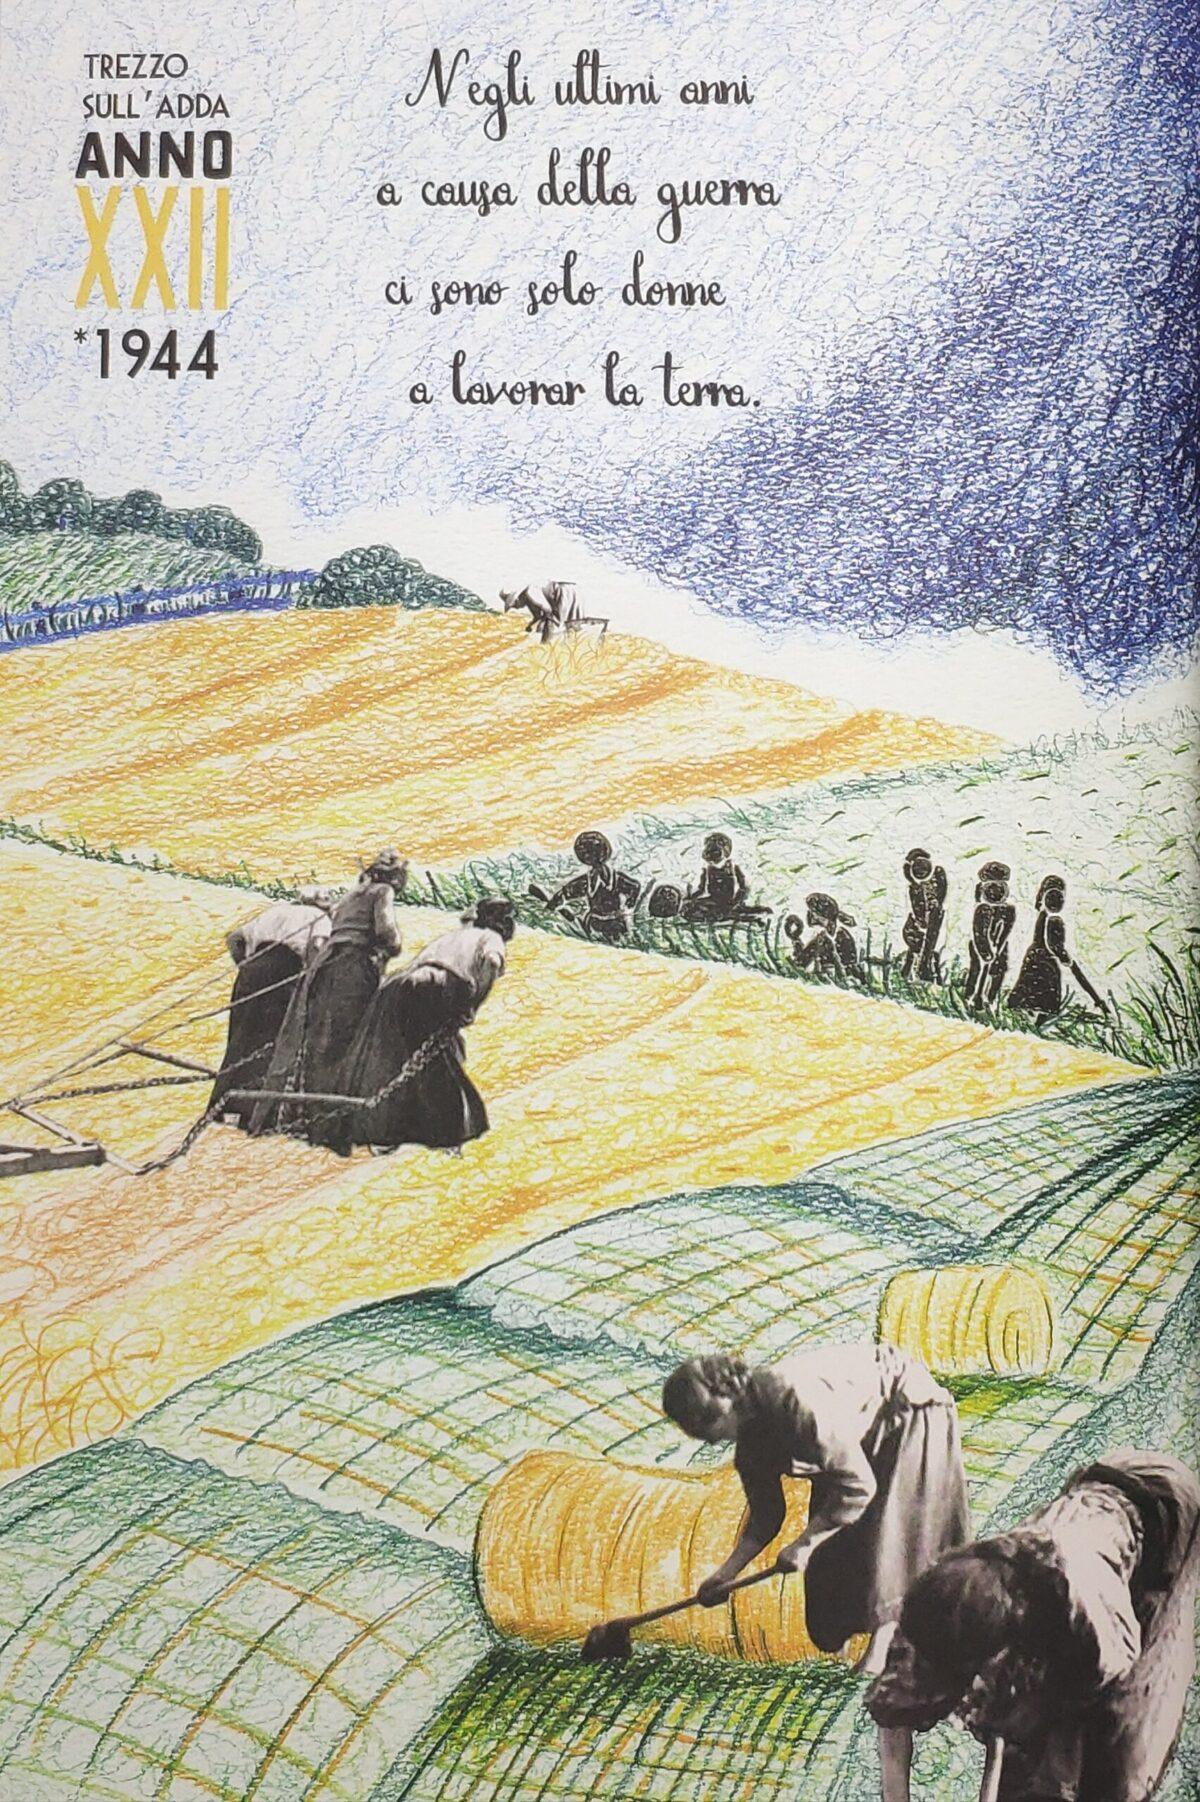 Mio caro fumetto... - Durante la guerra a Trezzo sull'Adda ci sono solo donne nei campi